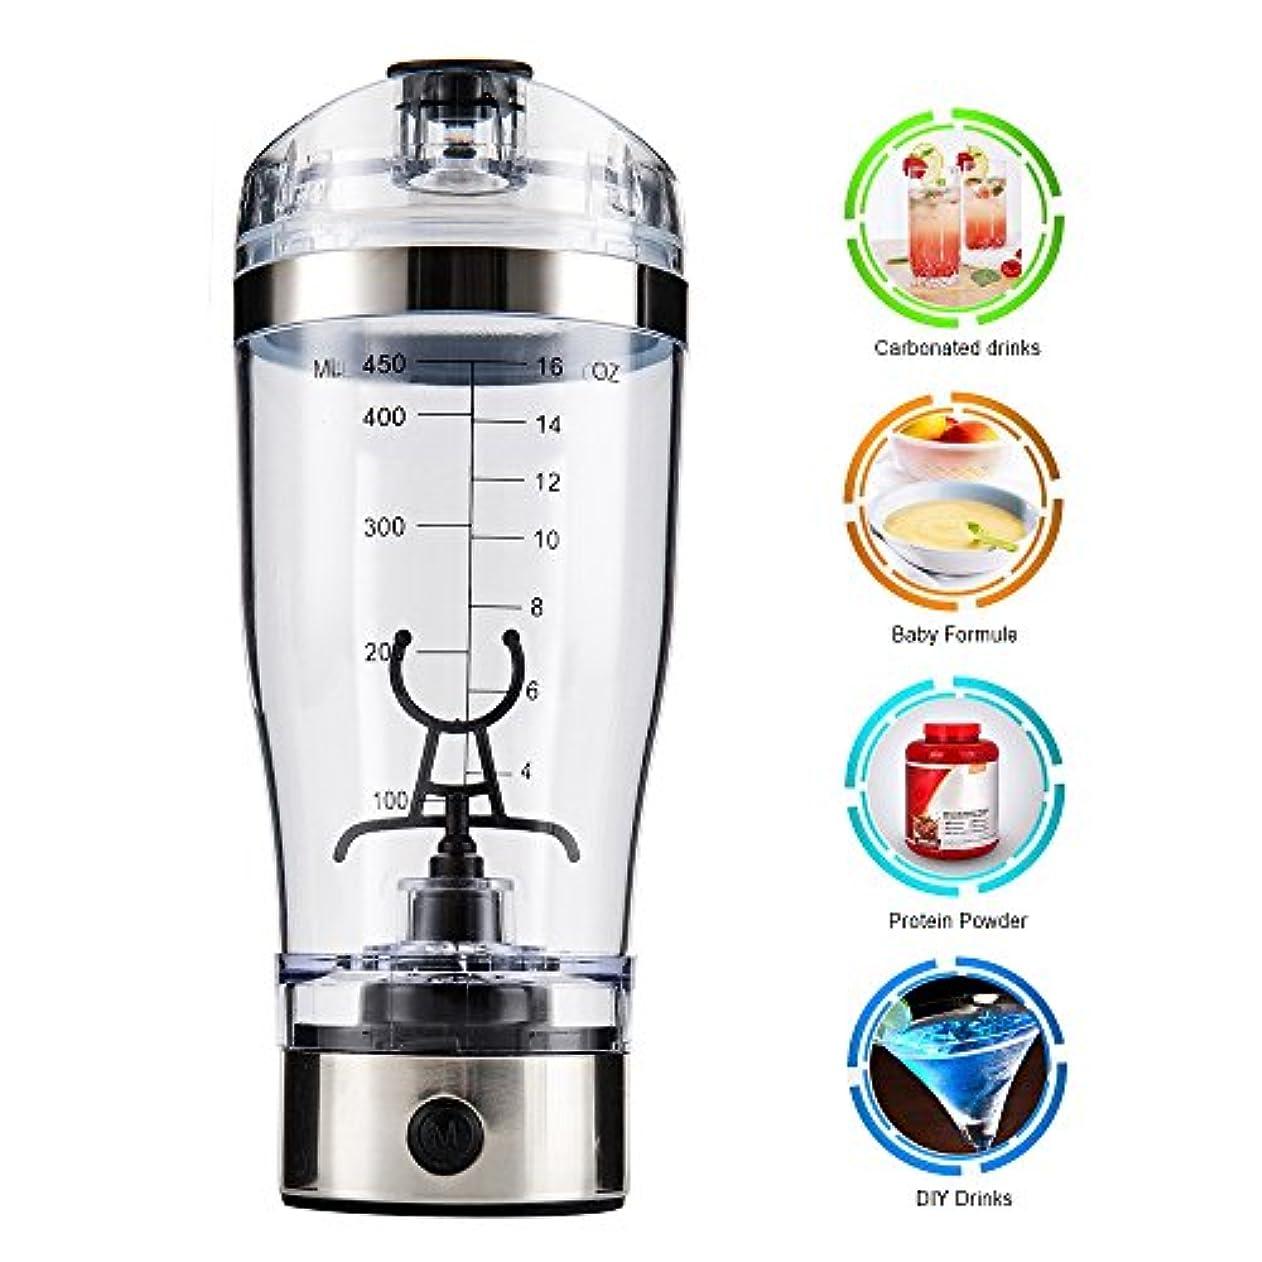 科学健全留まるhotbest 電動シェーカー プロテインシェイカー シェーカーボトル 多機能 コーヒーミキサー 自動 電池式 栄養補給 健康素材 漏れ防止